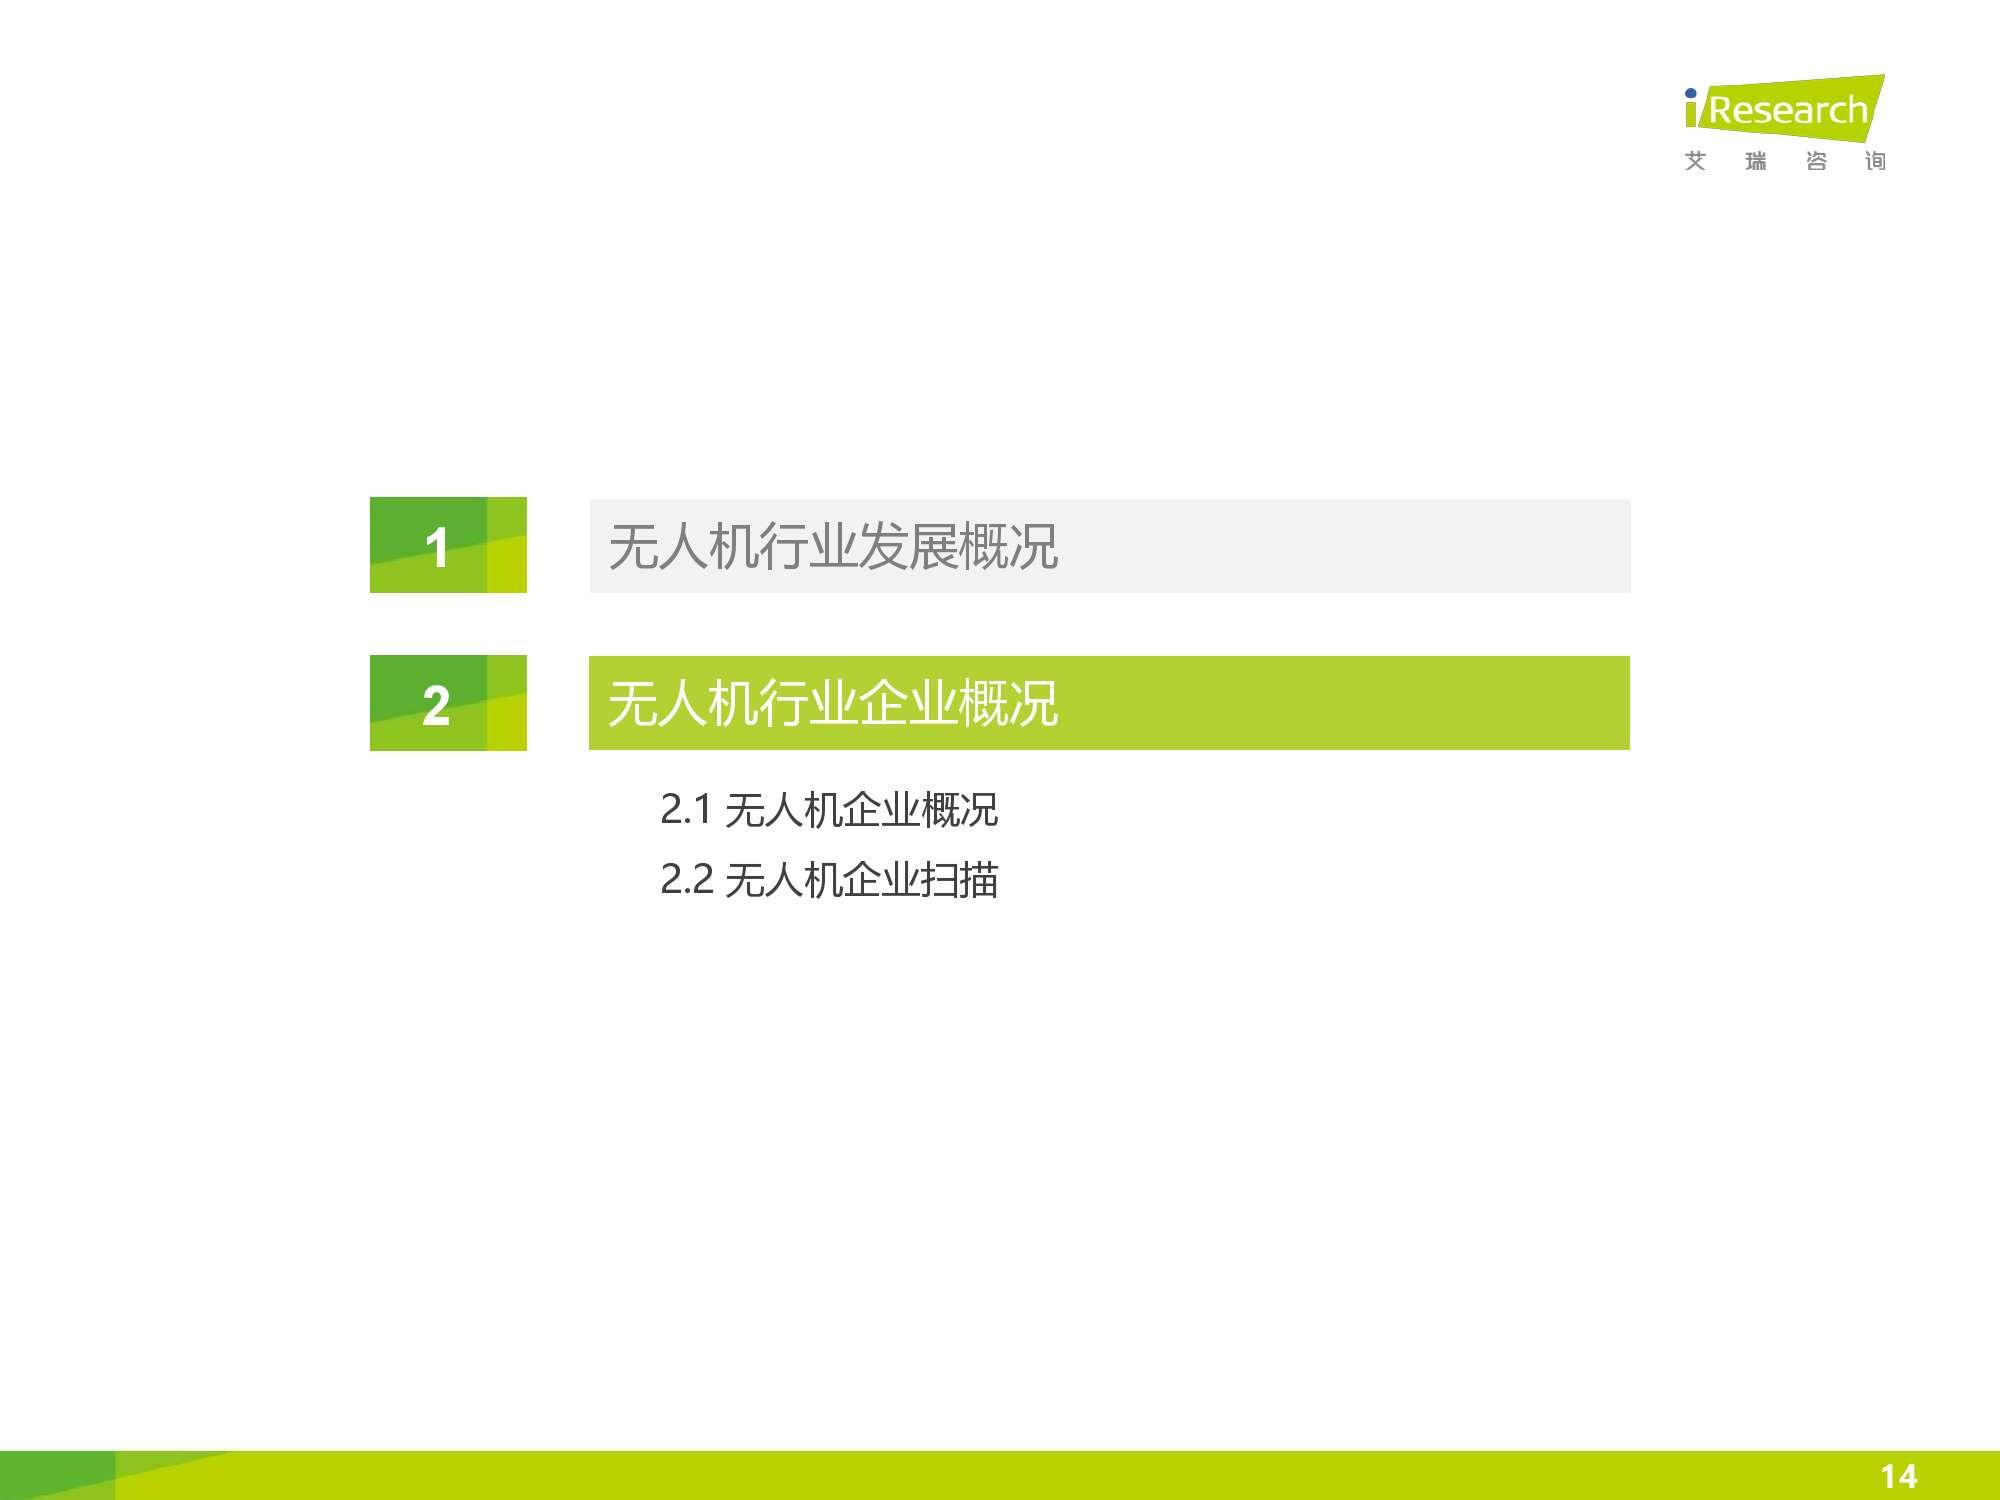 2016年中国无人机行业研究报告简版_000014